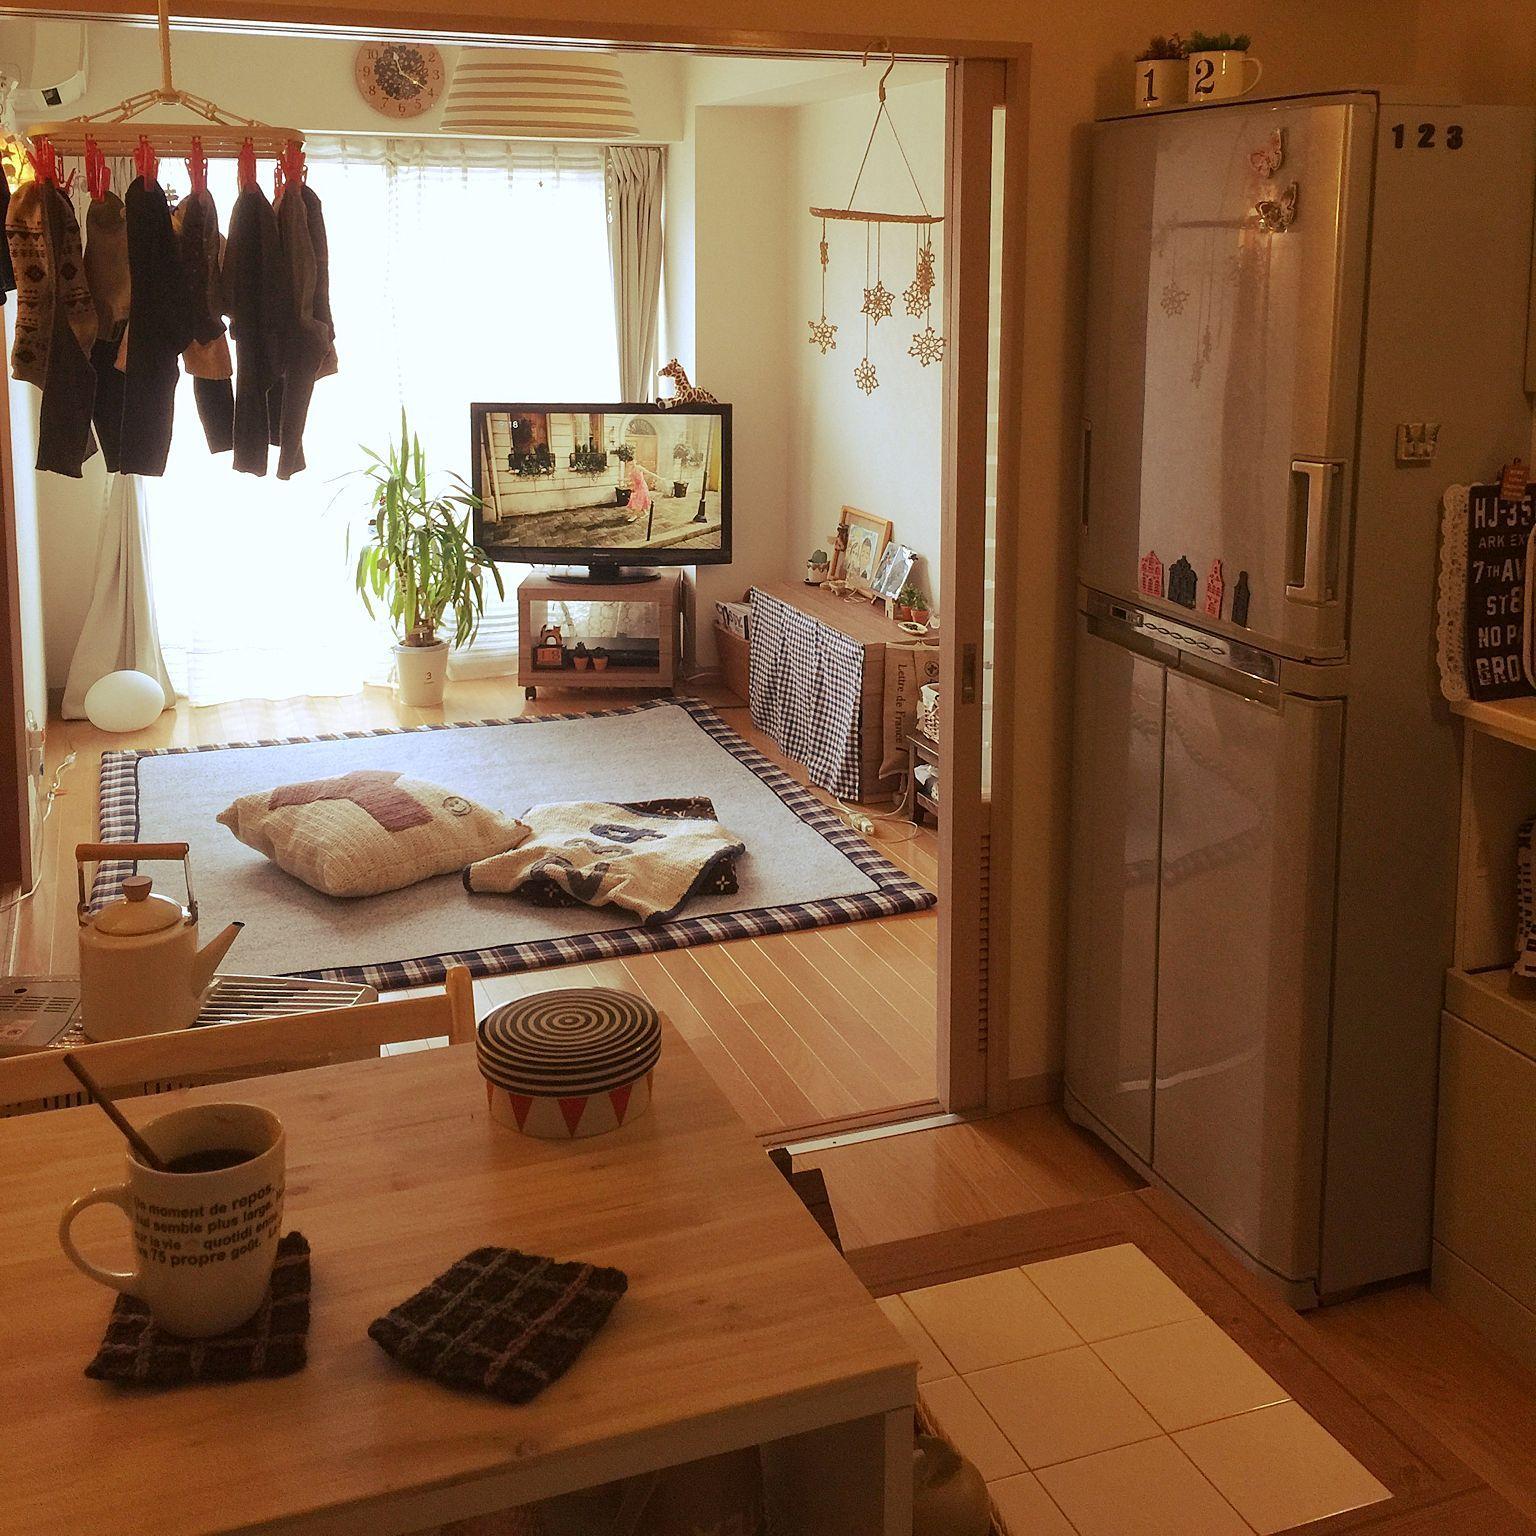 部屋全体 かわかない洗濯物 ー ー 手作りこーすたー 手作りクッションカバー かめらまーく Wf などのインテリア実例 2016 01 19 11 25 02 Roomclip ルームクリップ アパートのインテリア 部屋 シンプル アパート